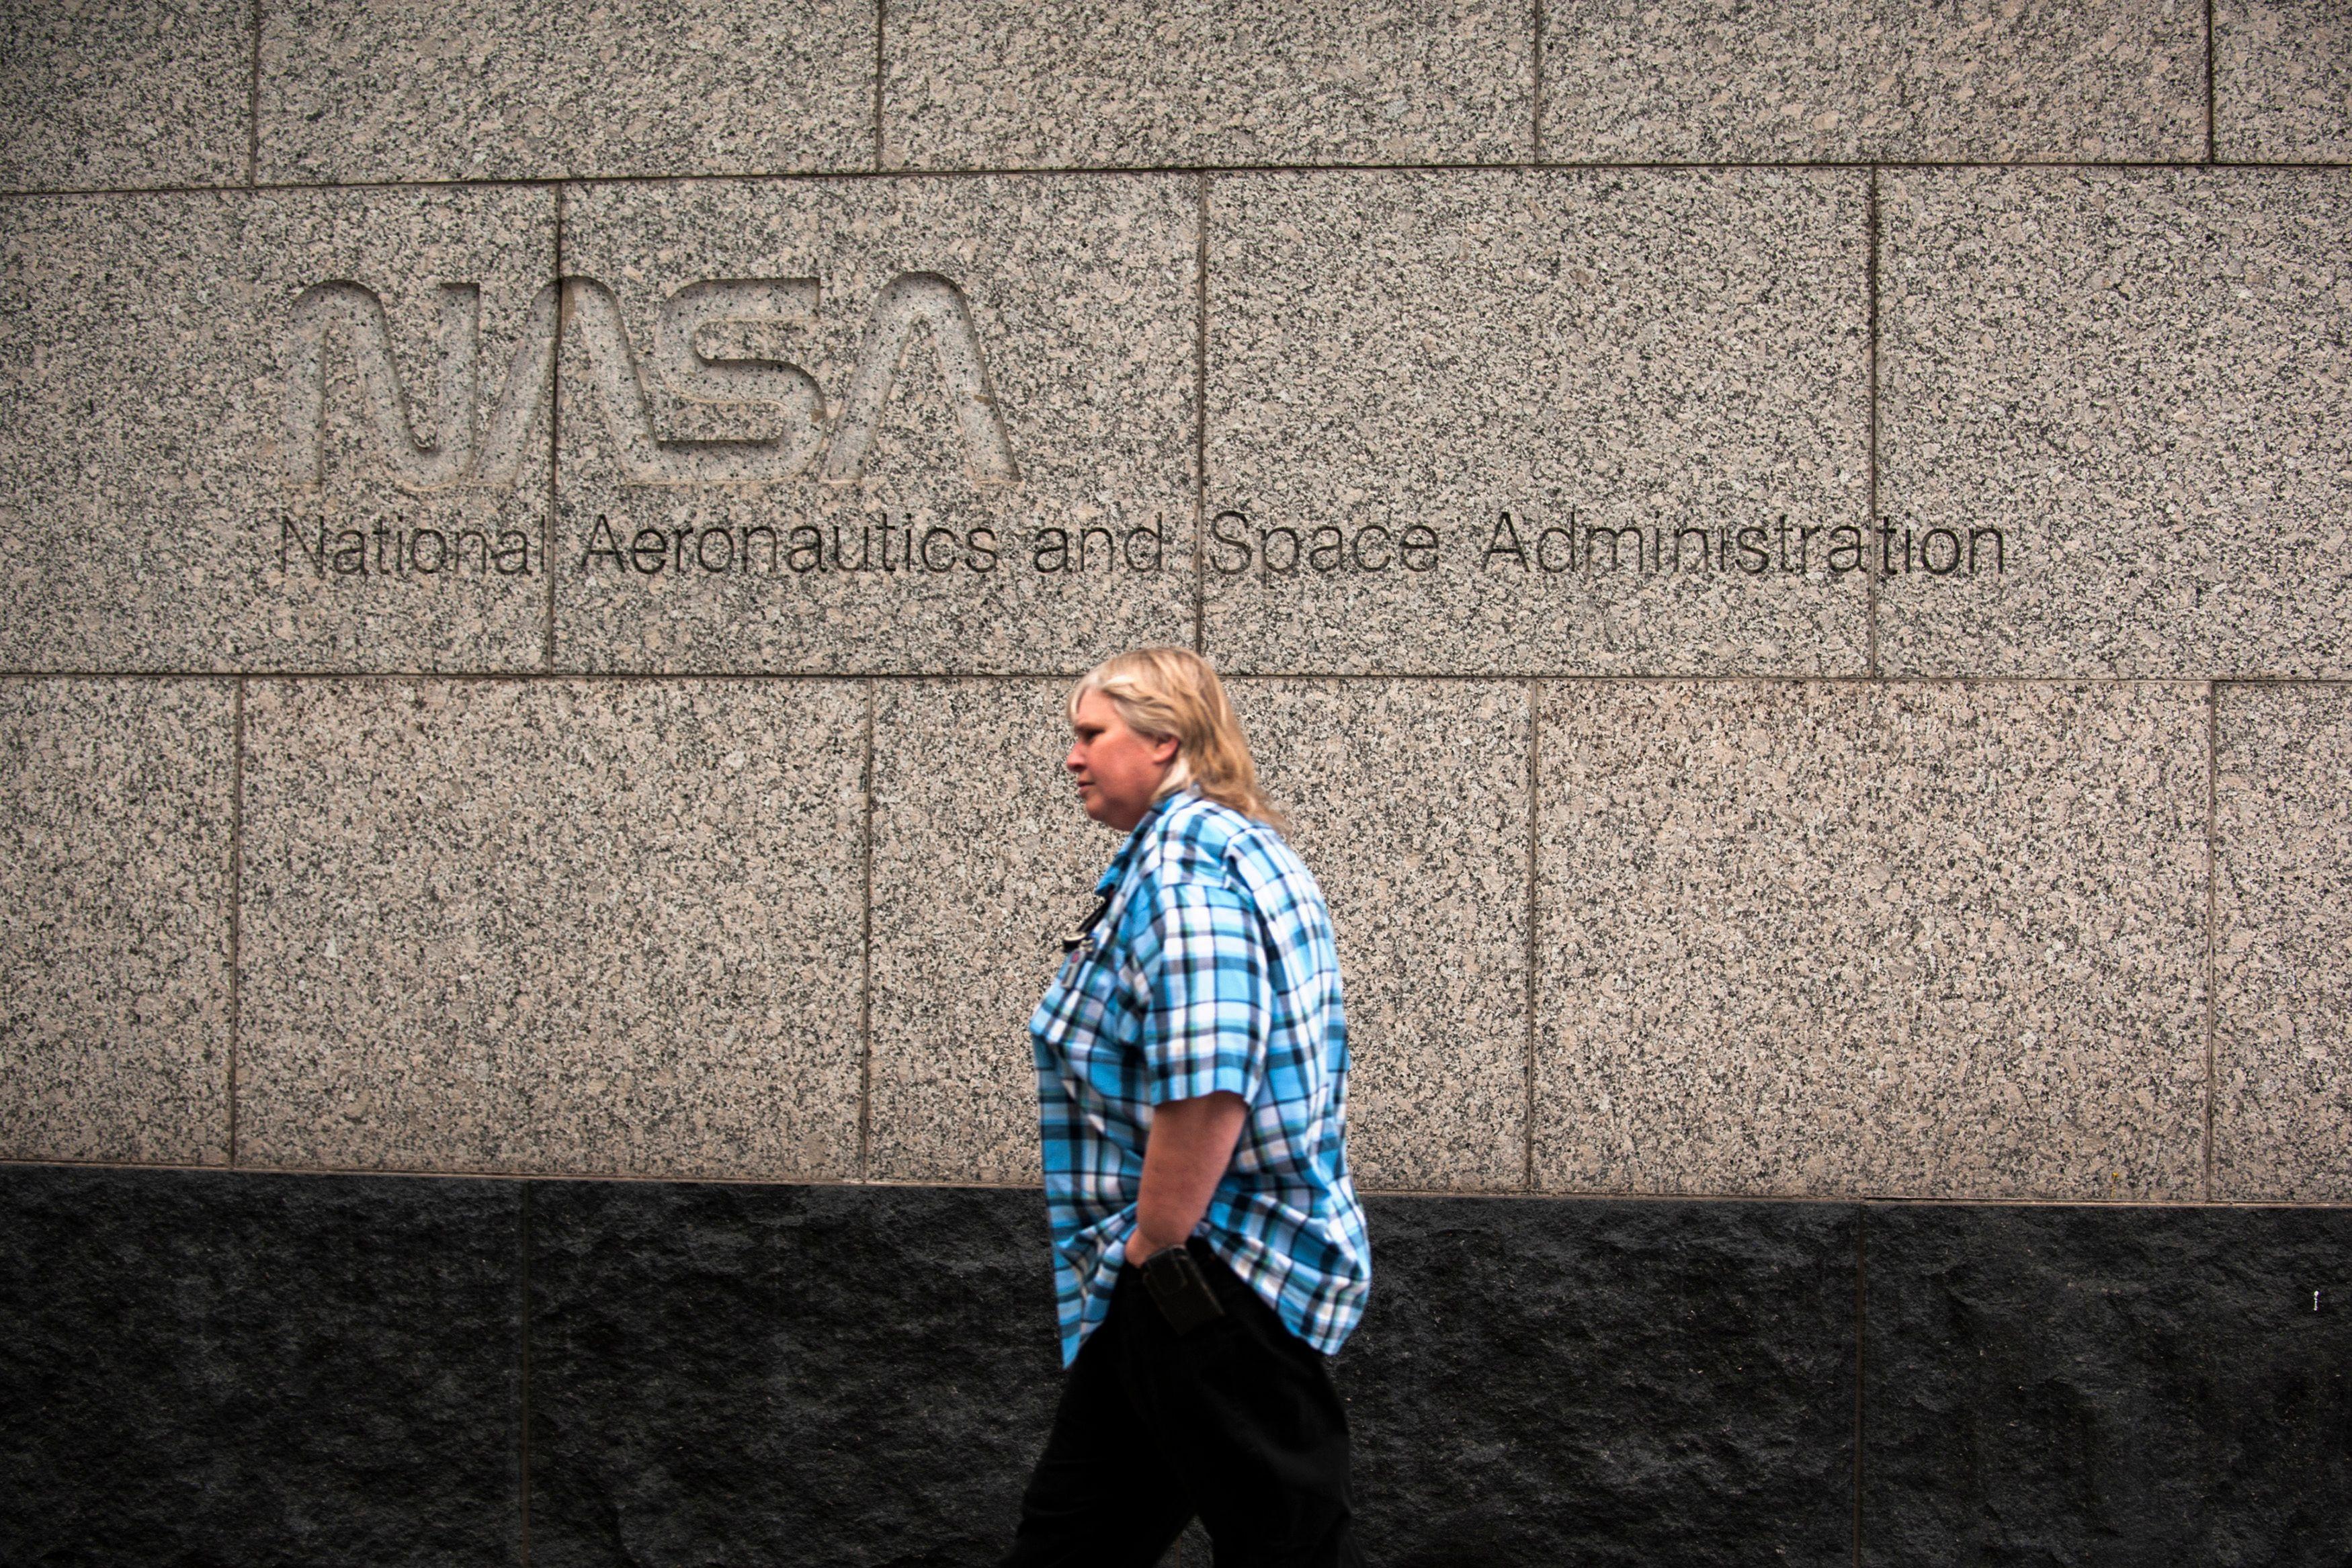 Une étude de la NASA montre que le danger des débris sur orbite est plus élevé qu'on ne le pensait